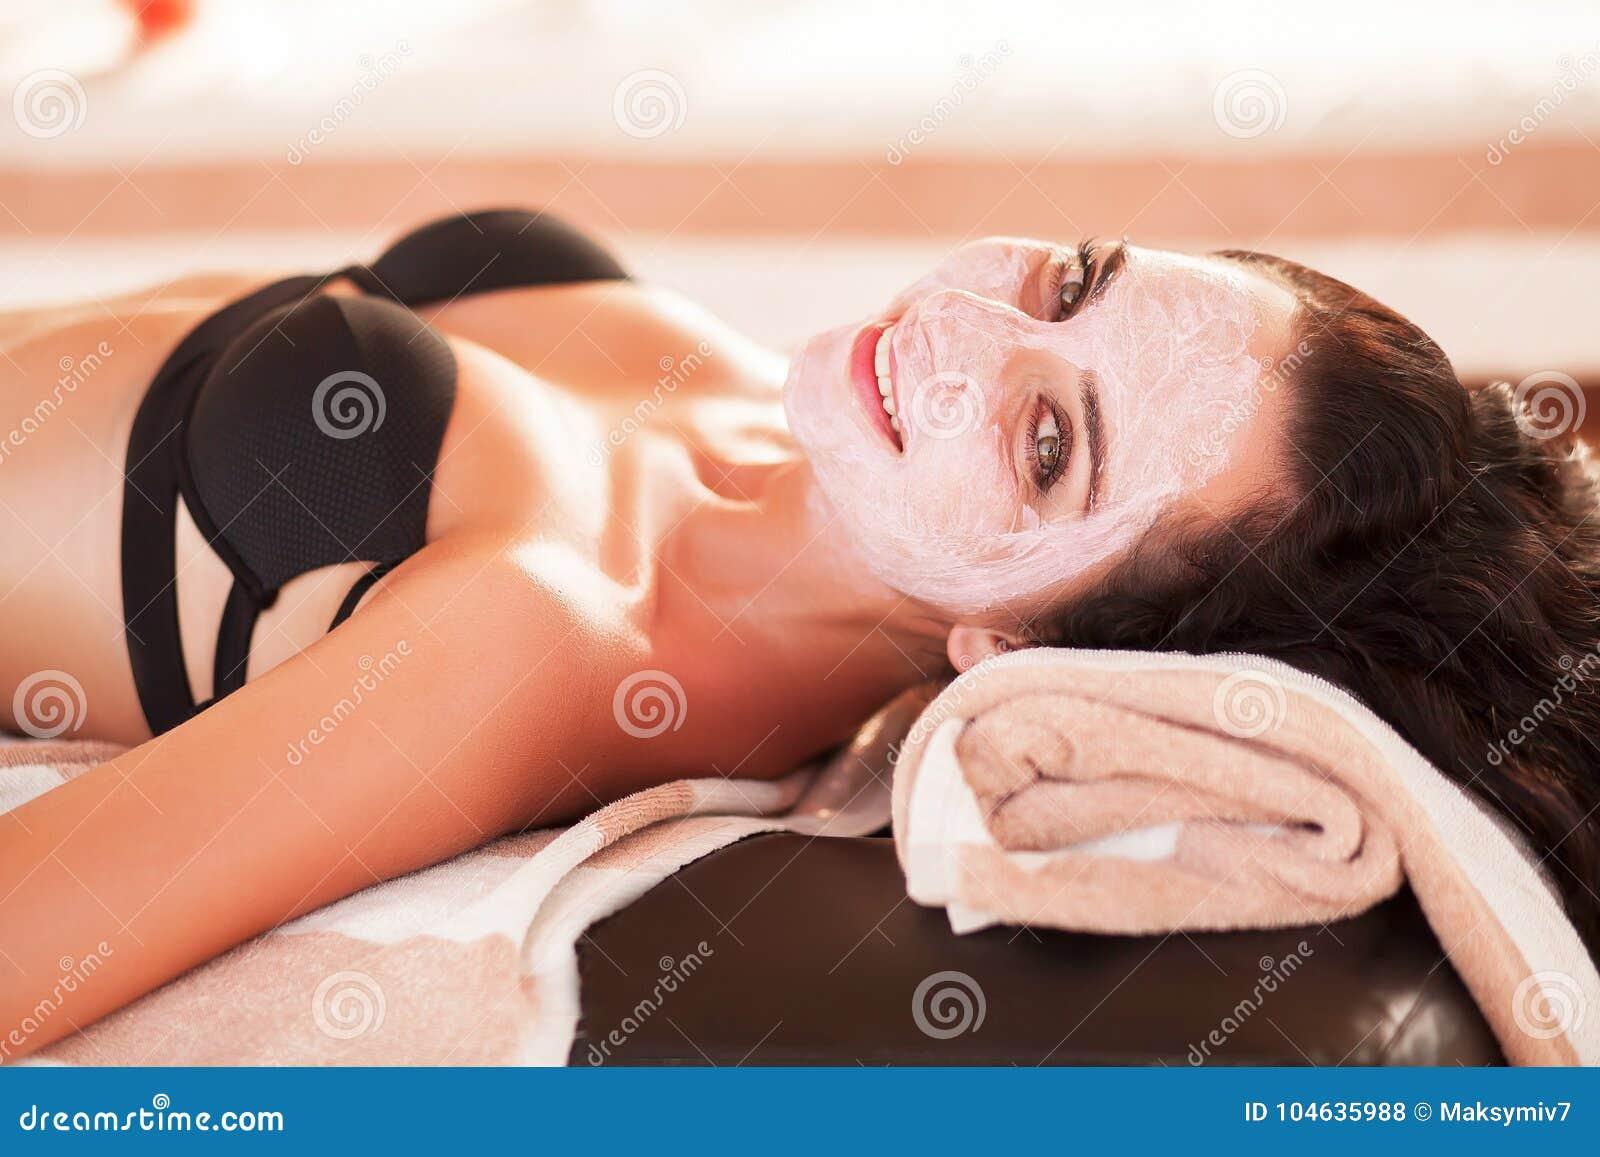 Download Vrouw In Kuuroordsalon De Mooie Vrouw Krijgt Kuuroordmasker Op Het Zonnige Strand In Kuuroord Stock Foto - Afbeelding bestaande uit gezicht, teint: 104635988